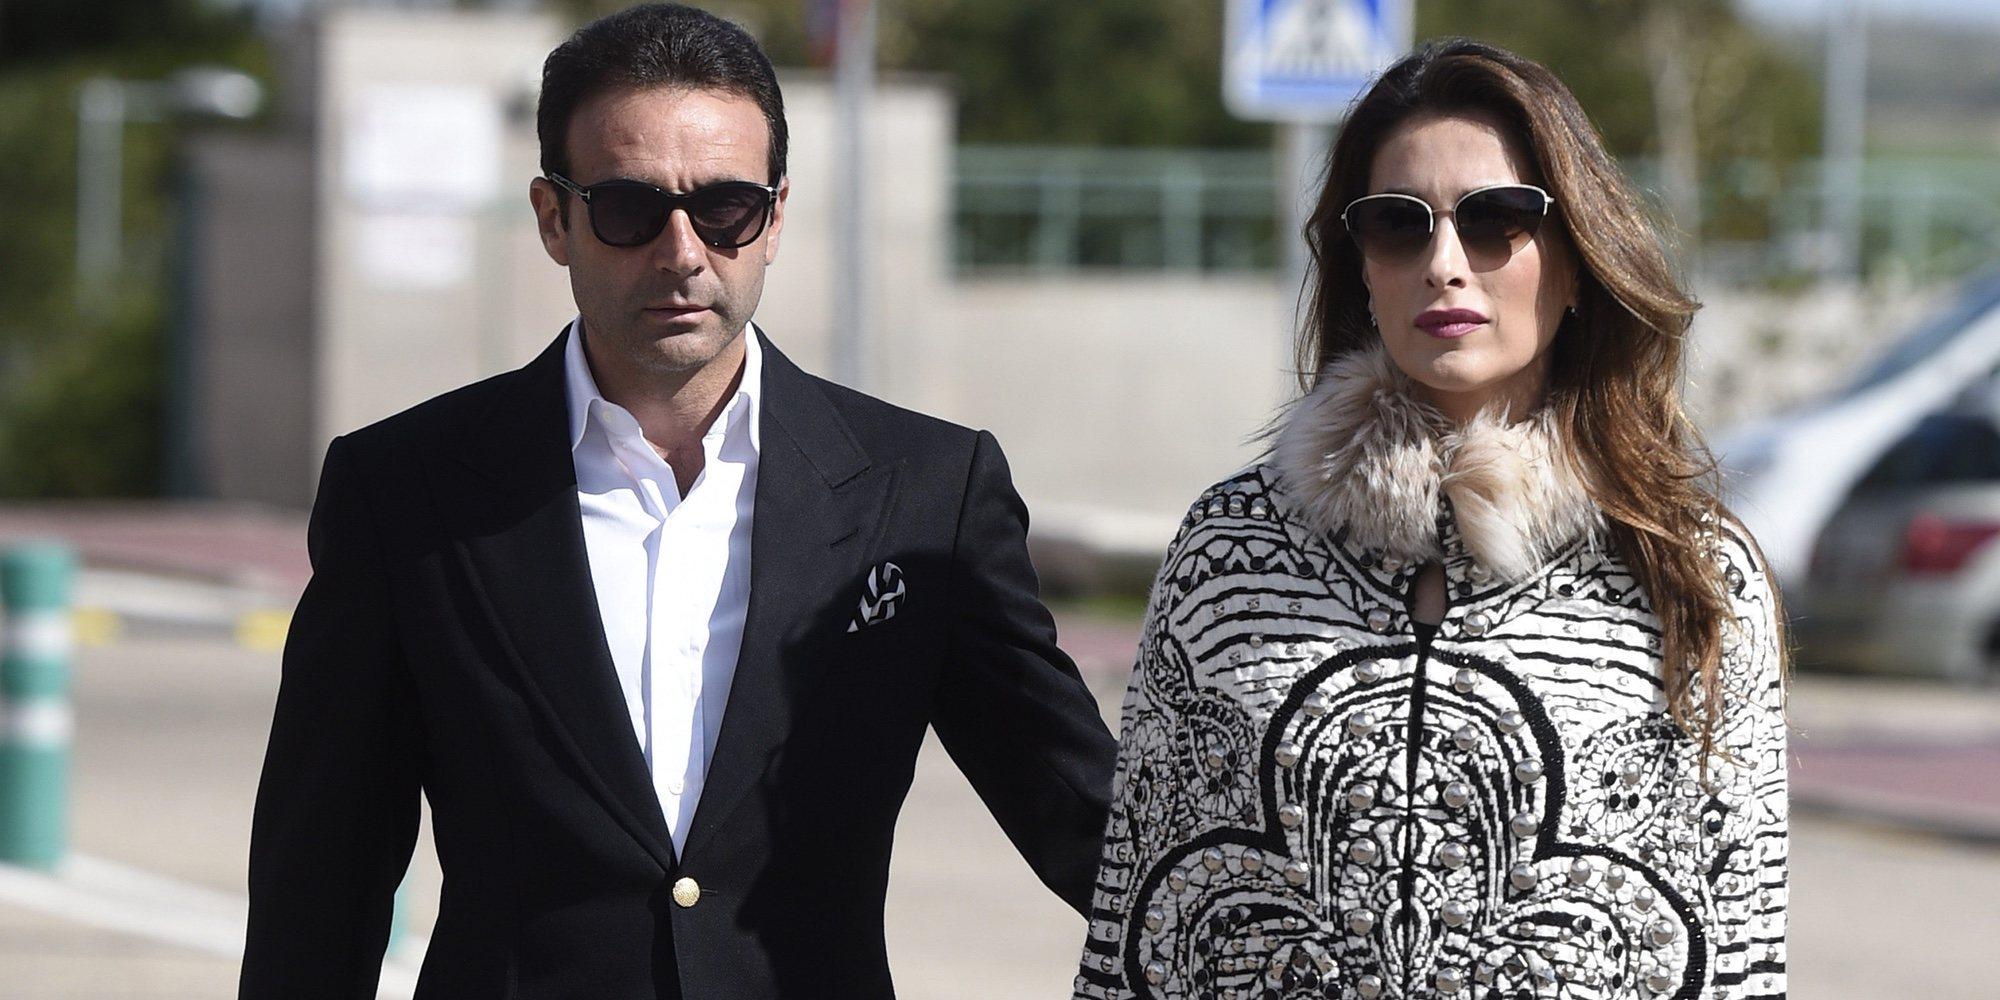 Enrique Ponce y Paloma Cuevas vuelven a verse demostrando que su relación es cordial